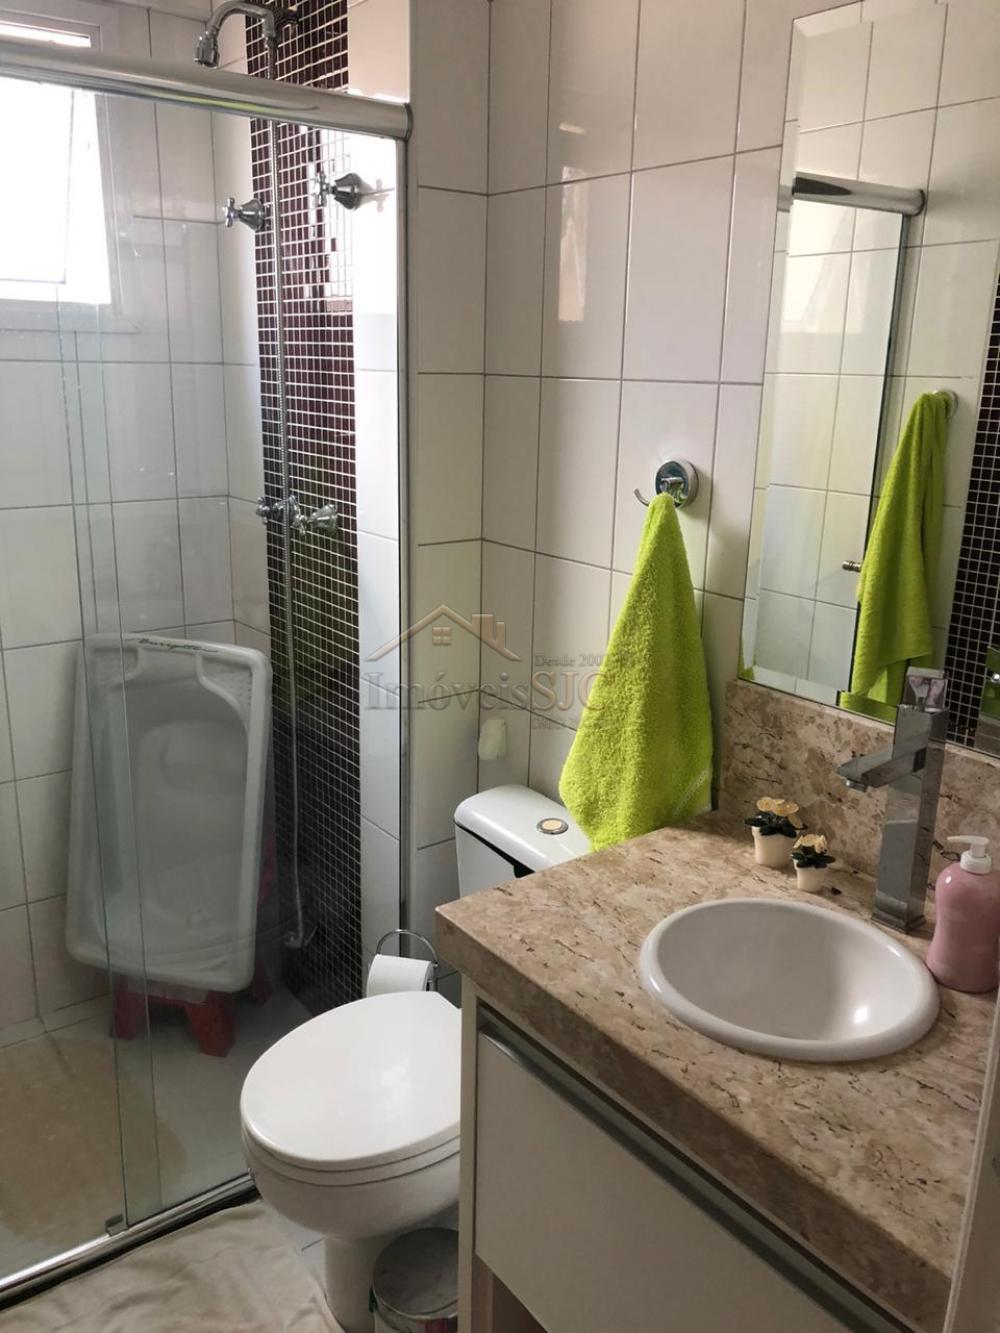 Comprar Apartamentos / Padrão em São José dos Campos apenas R$ 558.000,00 - Foto 12